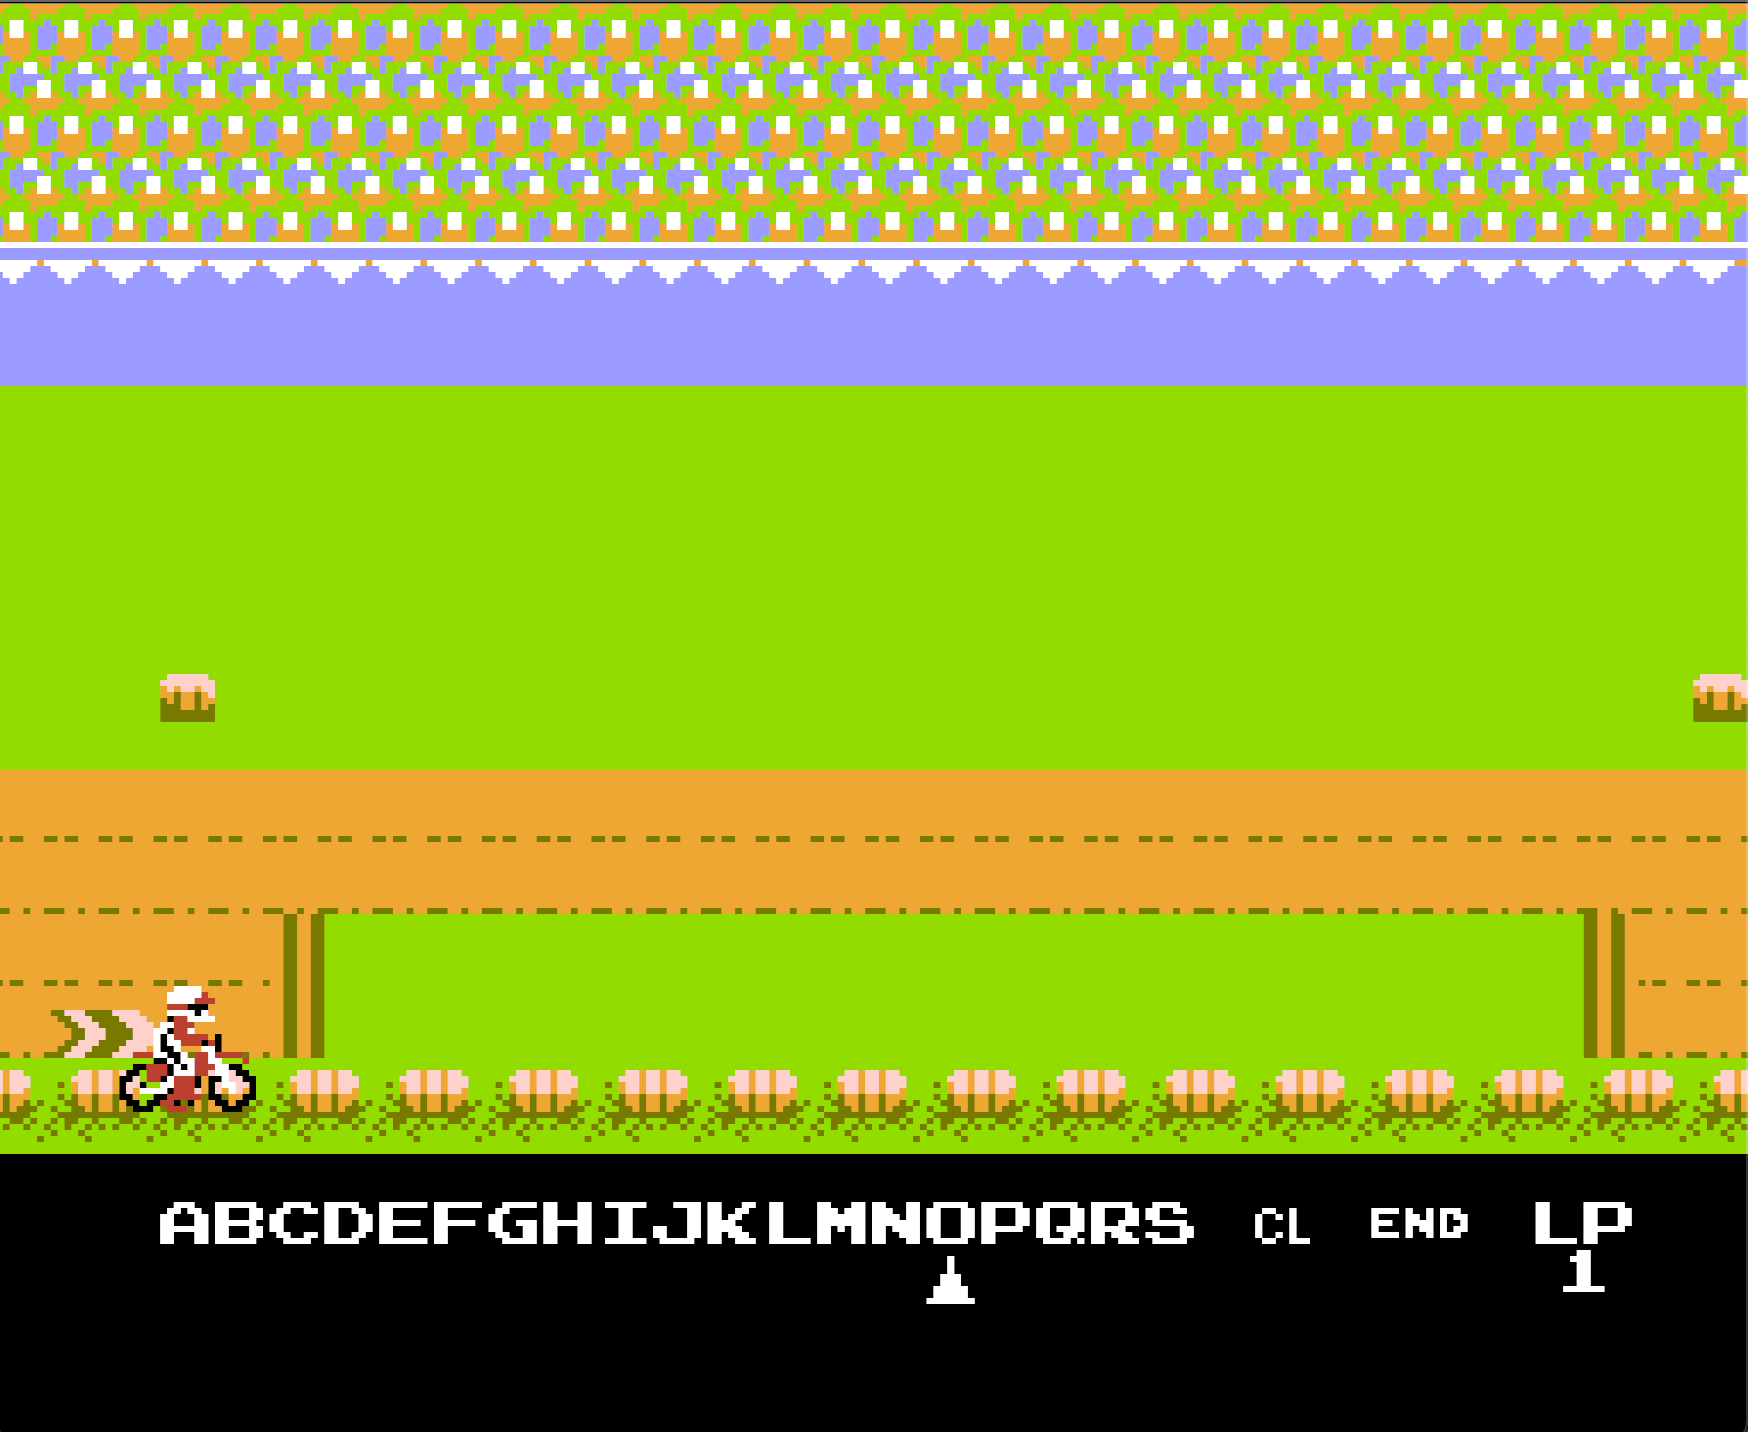 ファミコン用バイクゲーム『エキサイトバイク』が生まれた時代背景、バイクが子どもたちの身近にあった80年代の思い出の画像006